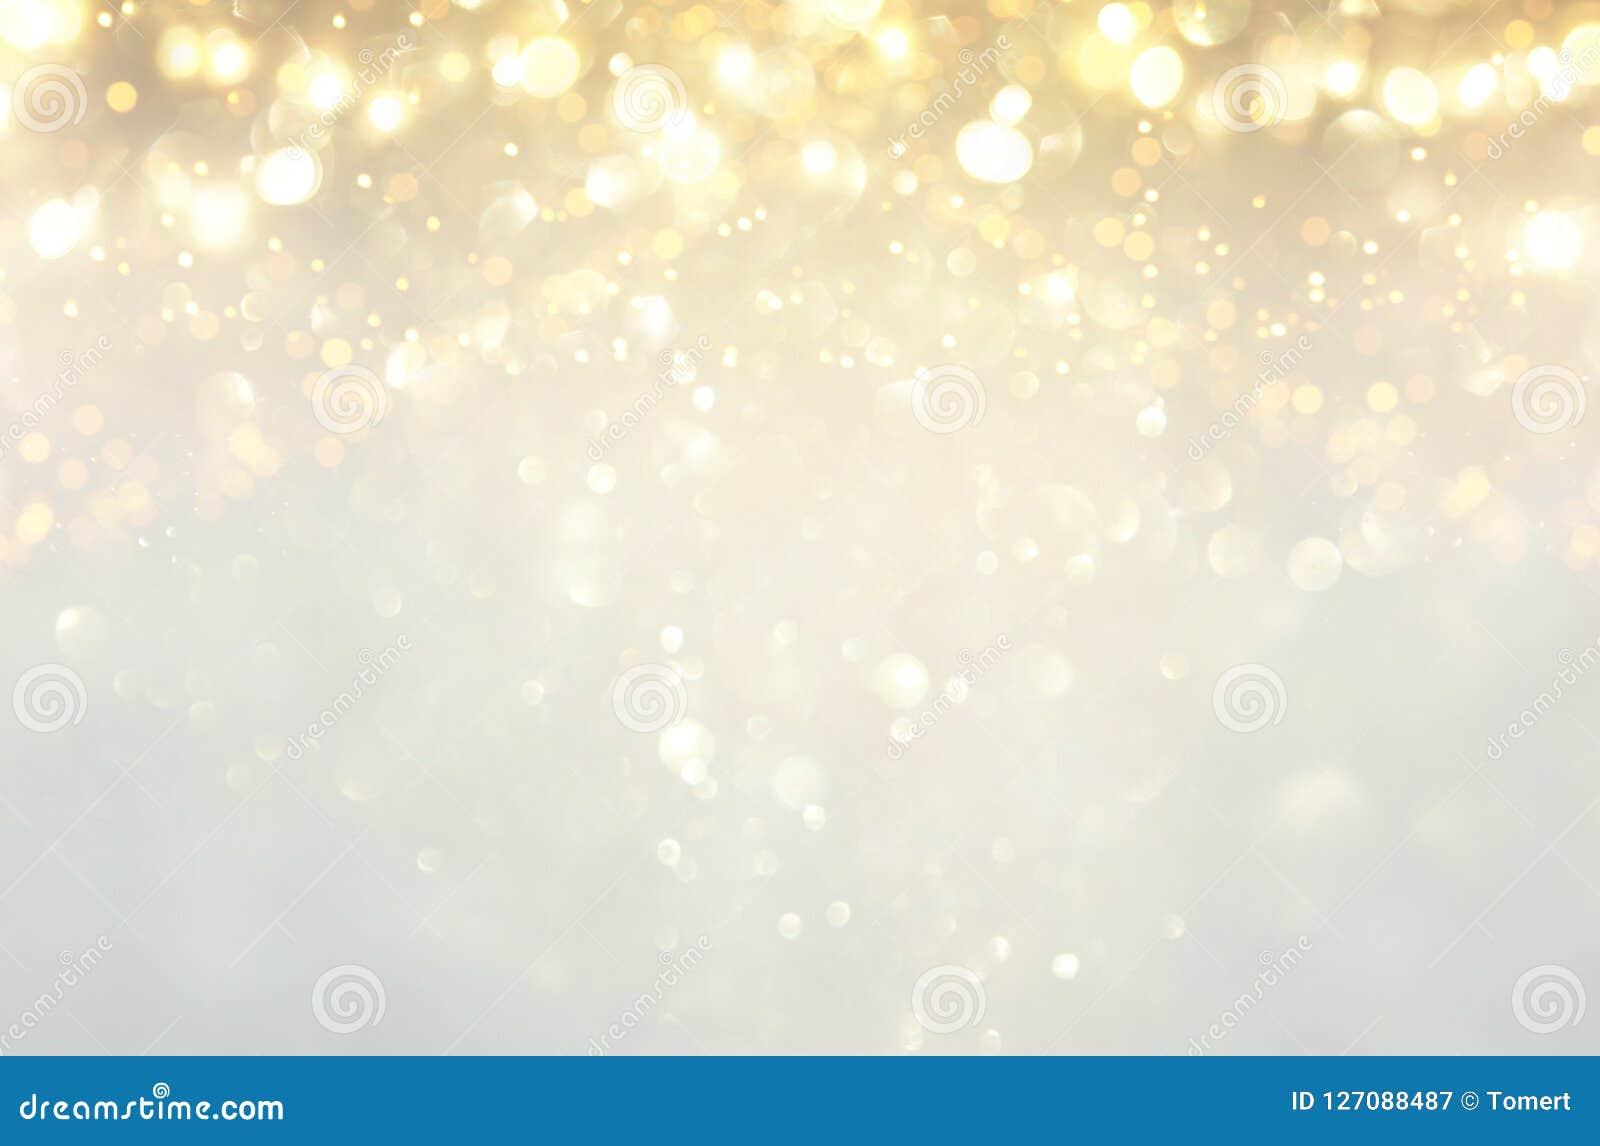 Le vintage de scintillement allume le fond argent, or et blanc De-focalisé